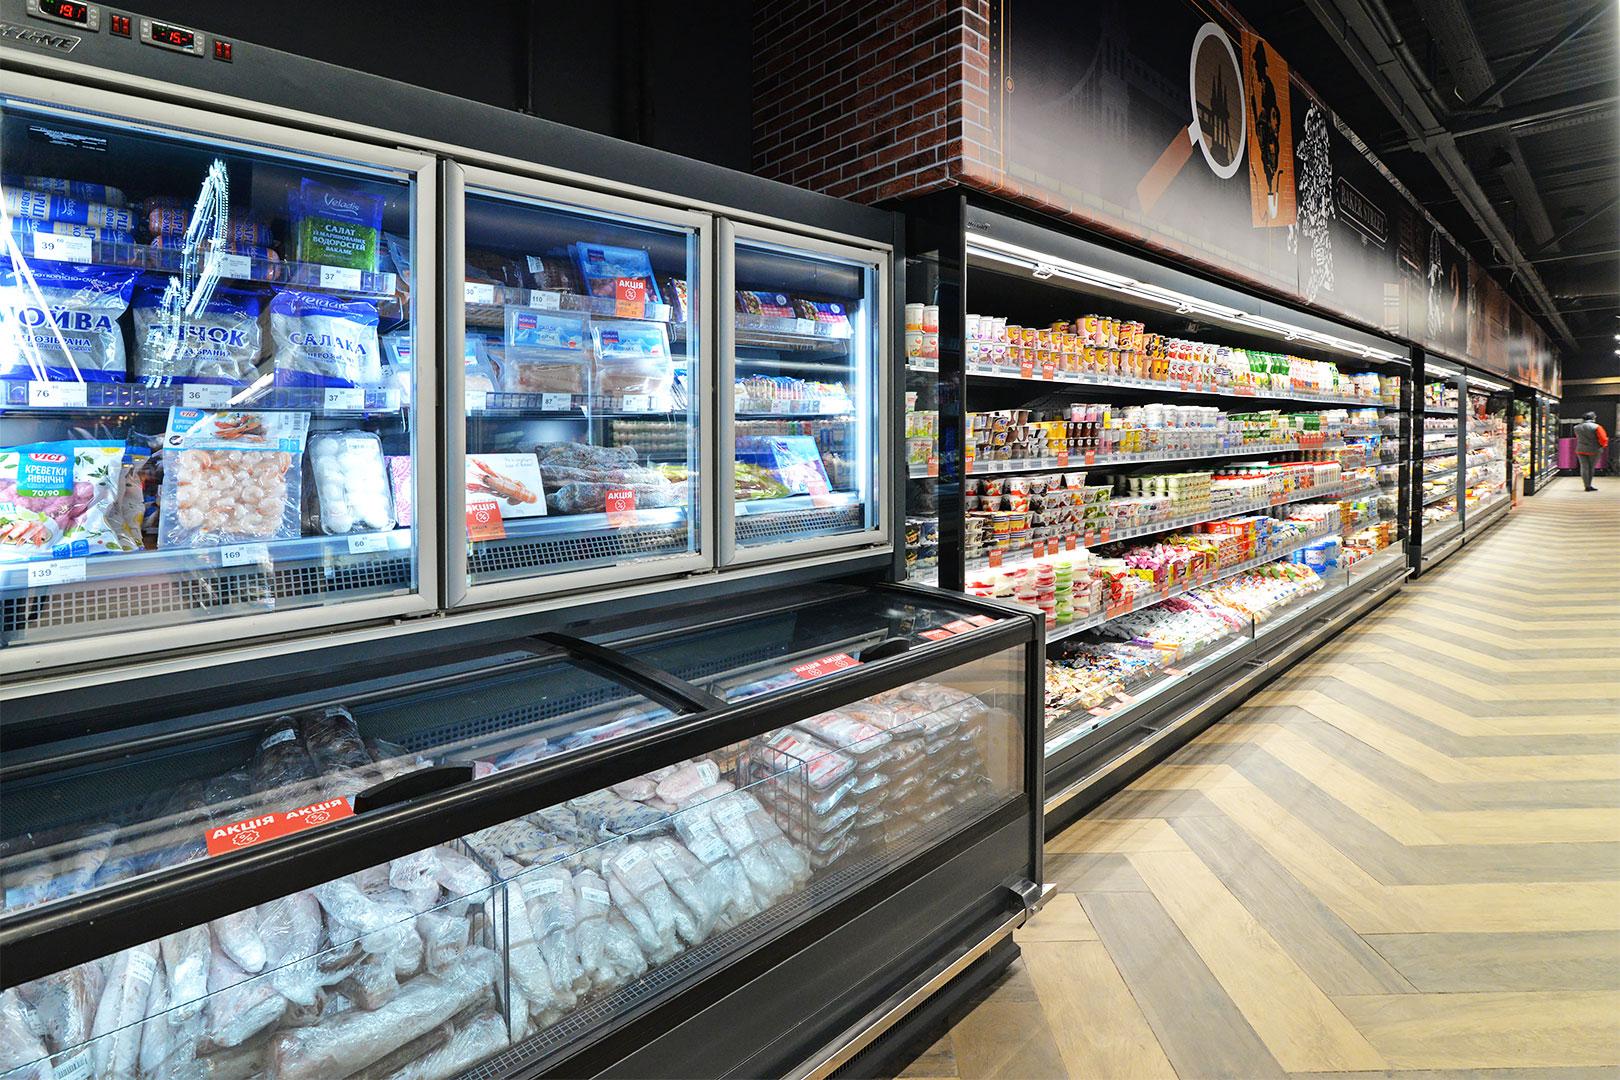 Витрины для замороженных продуктов Alaska combi 2 MD MHV 110 LT D/C 220-DLM, пристенные витрины Indiana MV 080 MT O 205-DLM